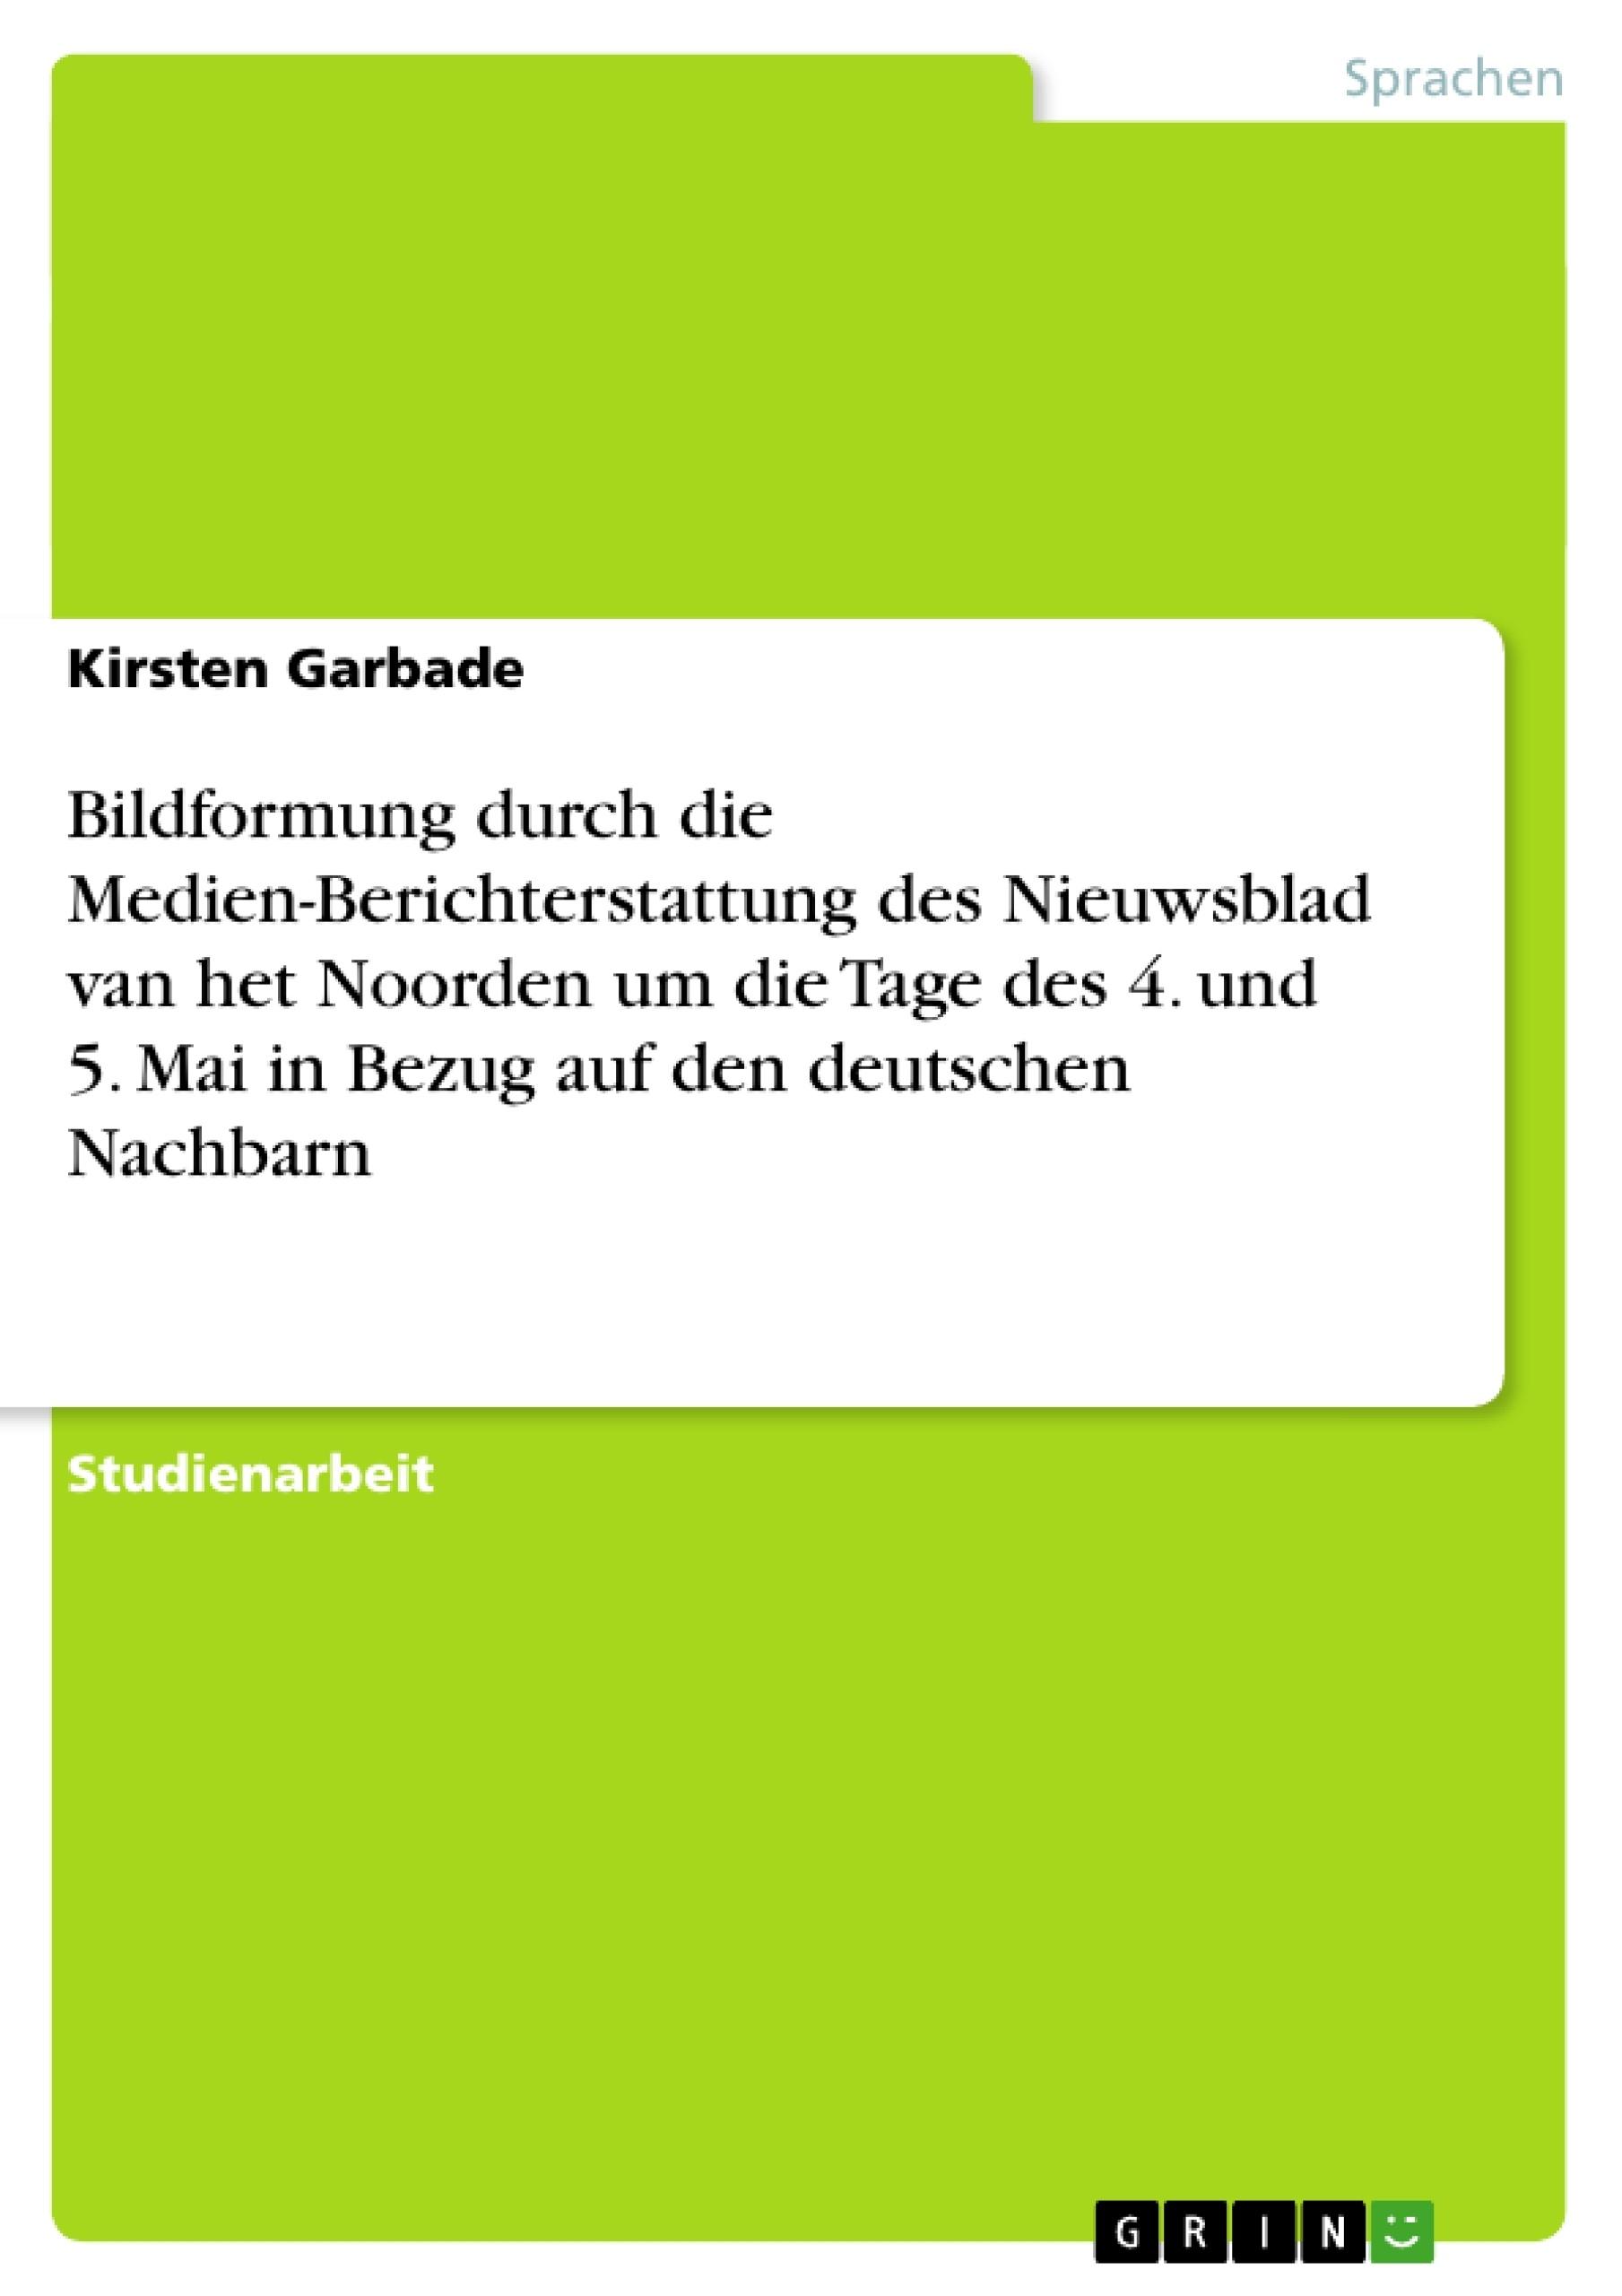 Titel: Bildformung durch die Medien-Berichterstattung des Nieuwsblad van het Noorden um die Tage des   4. und 5. Mai in Bezug auf den deutschen Nachbarn